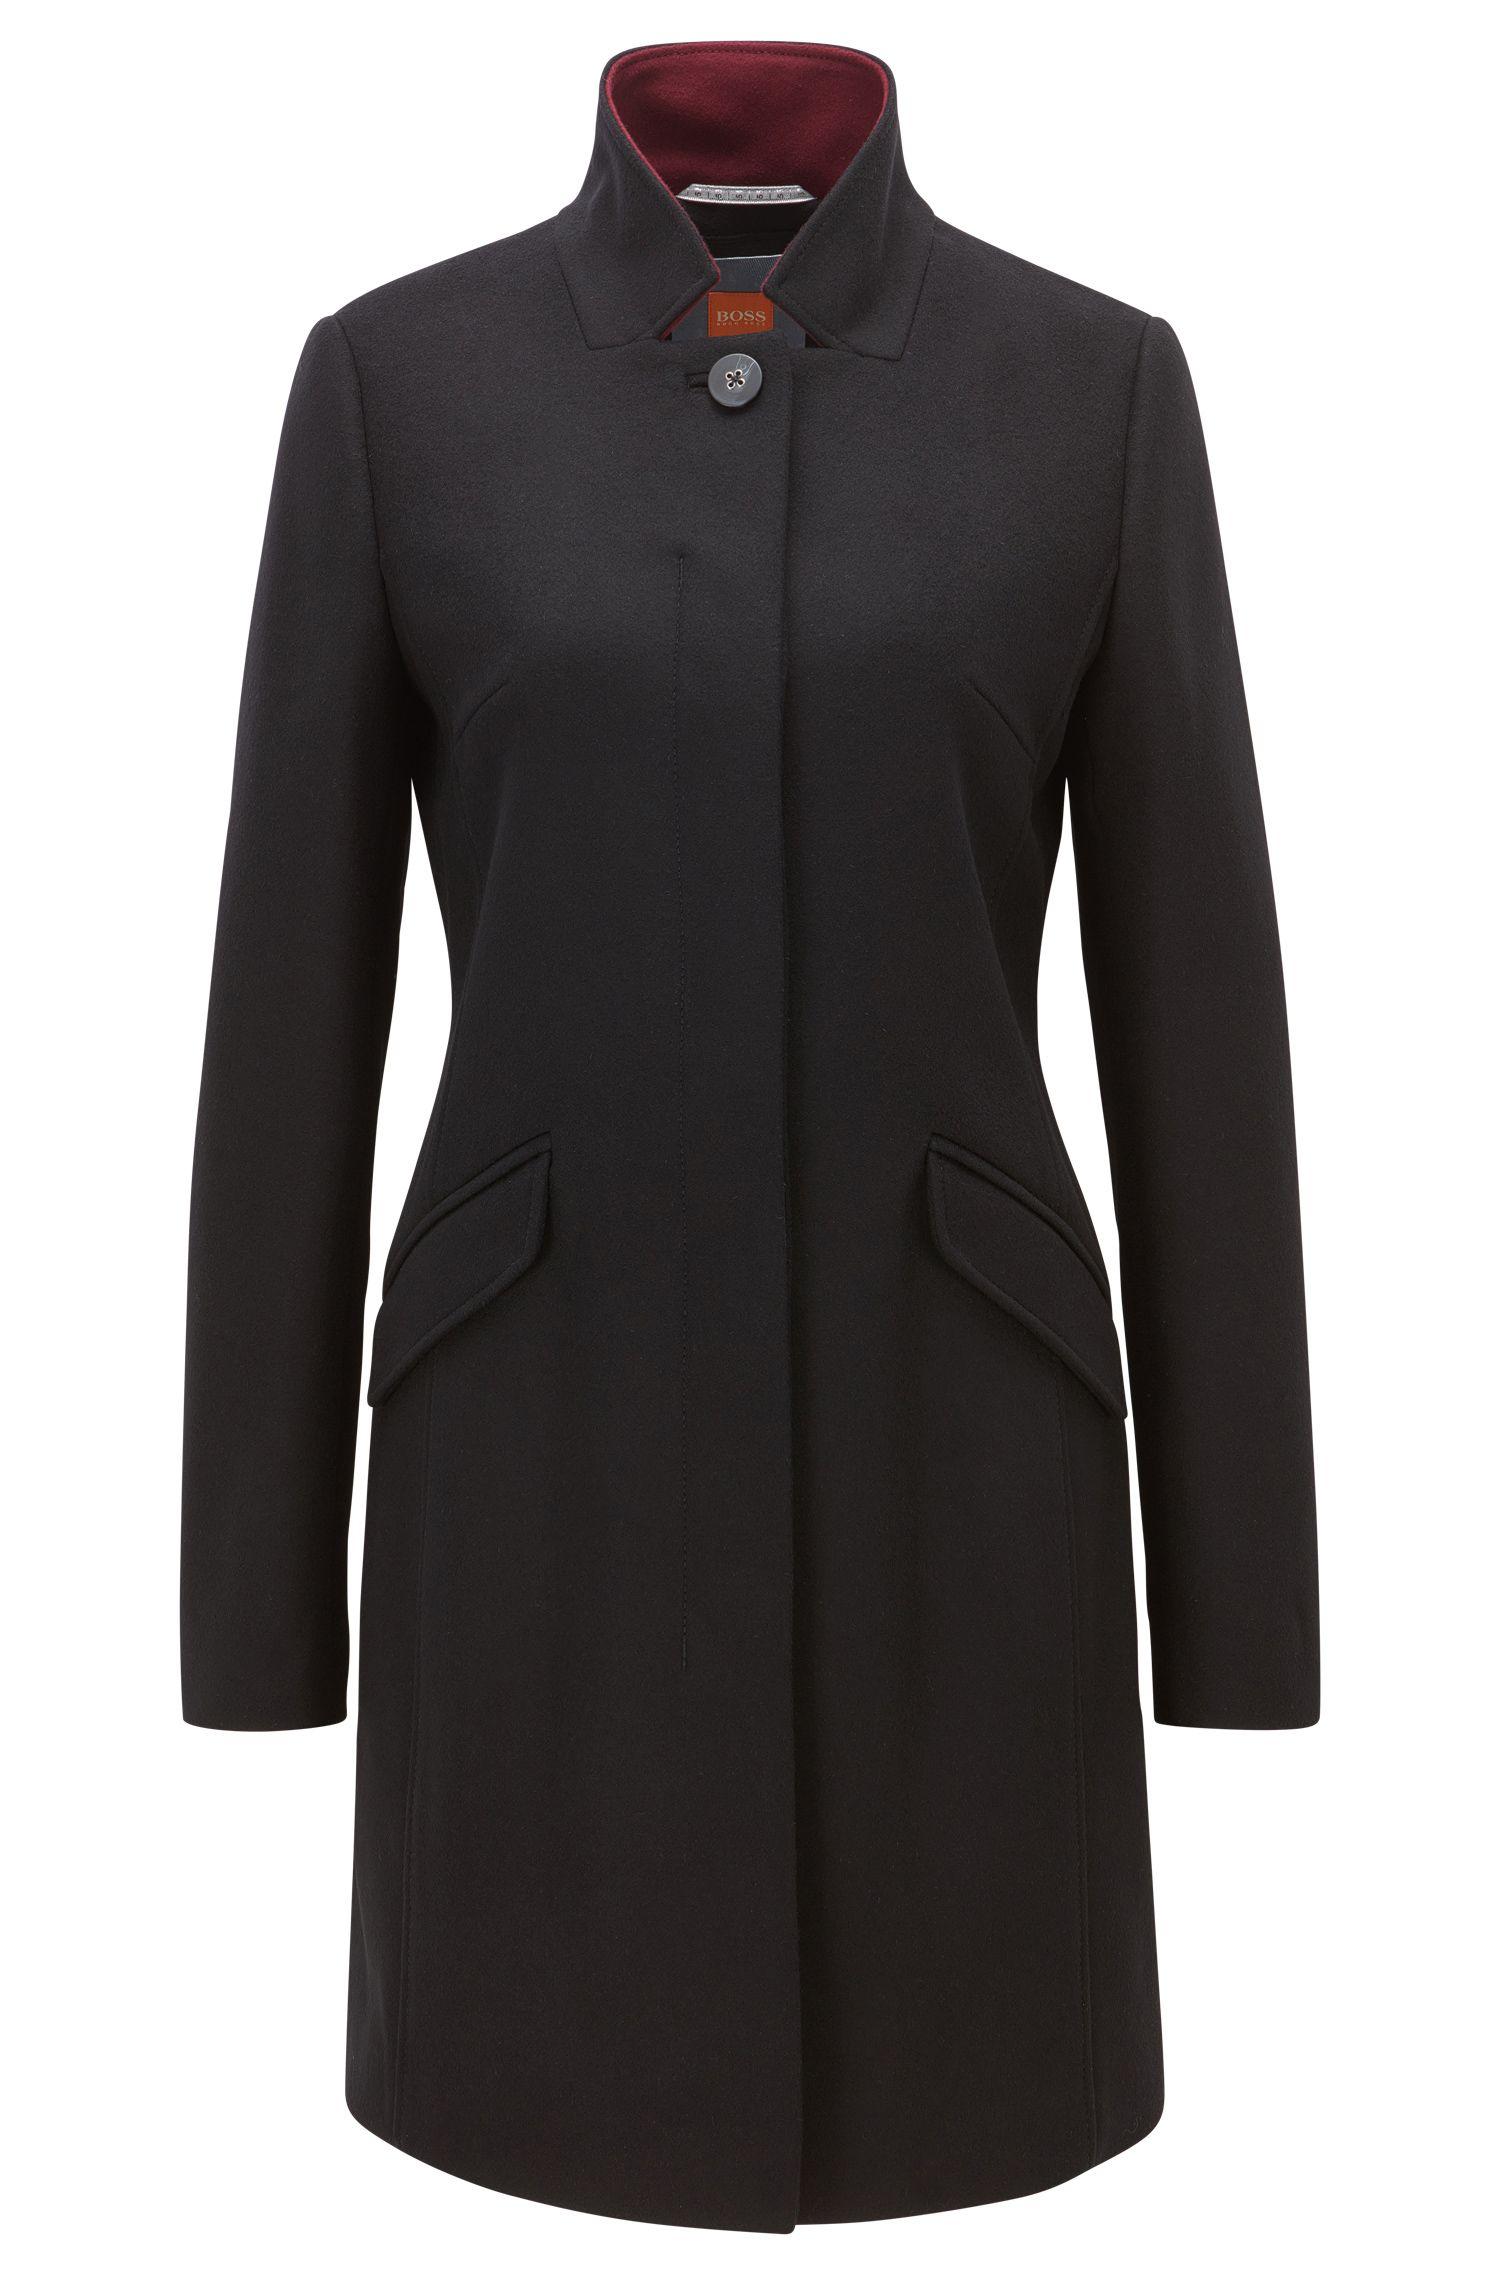 Cappotto in misto lana di pesantezza media con allacciatura nascosta